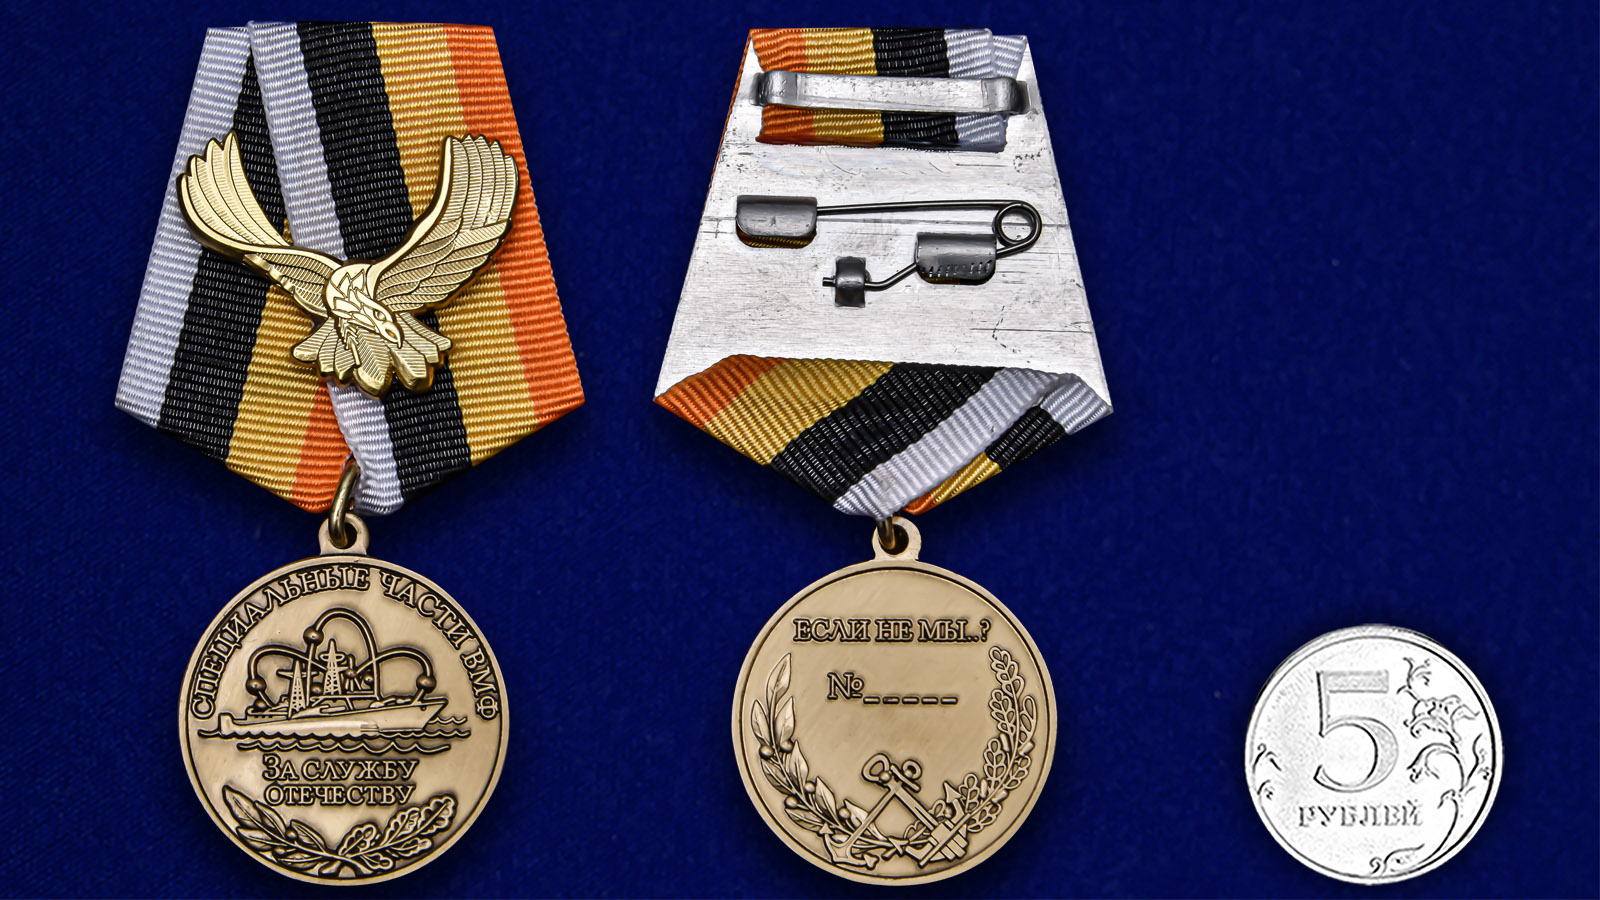 """Медаль """"За службу Отечеству"""" Специальные части ВМФ - сравнительный размер"""